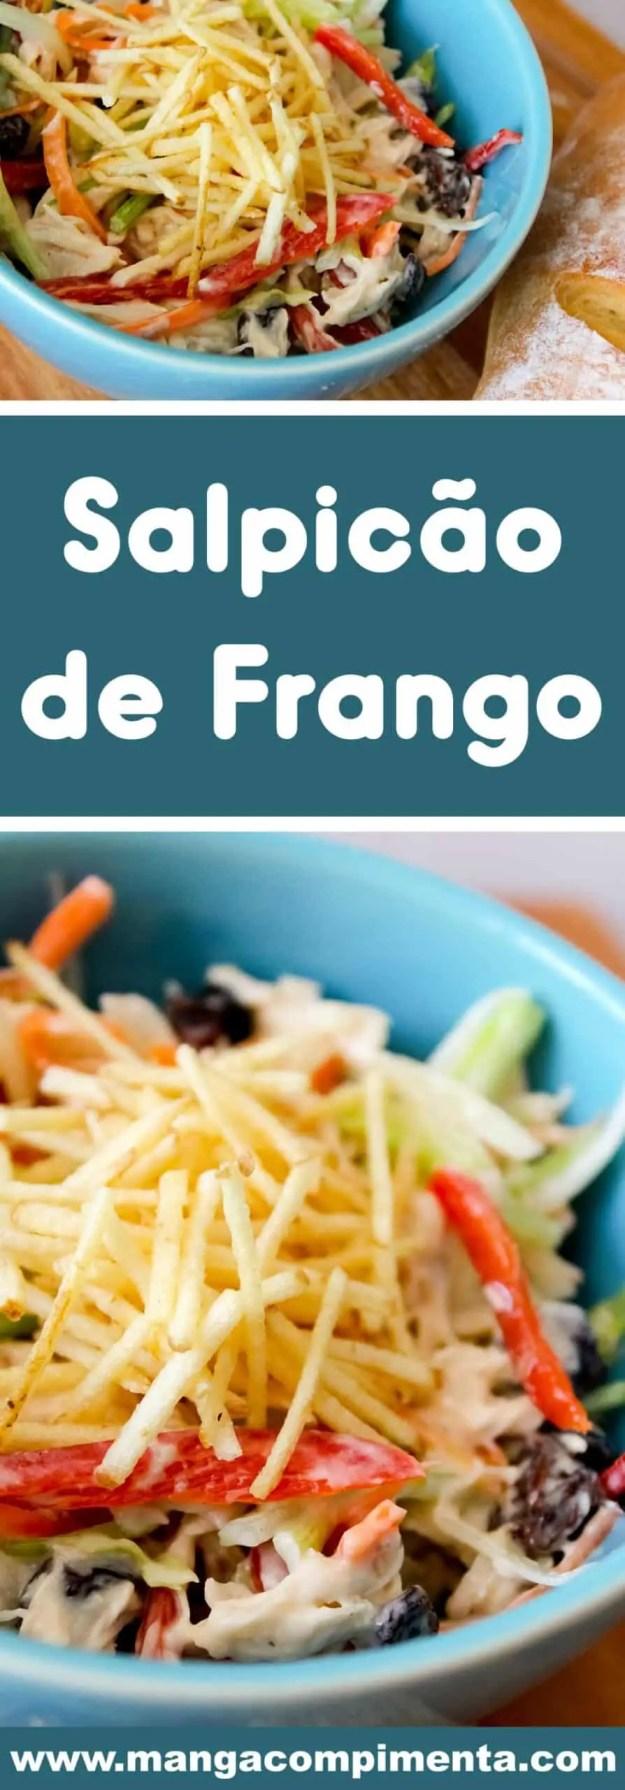 Receita de Salpicão de Frango - uma salada refrescante para a sua festa de Natal ou Ano Novo.